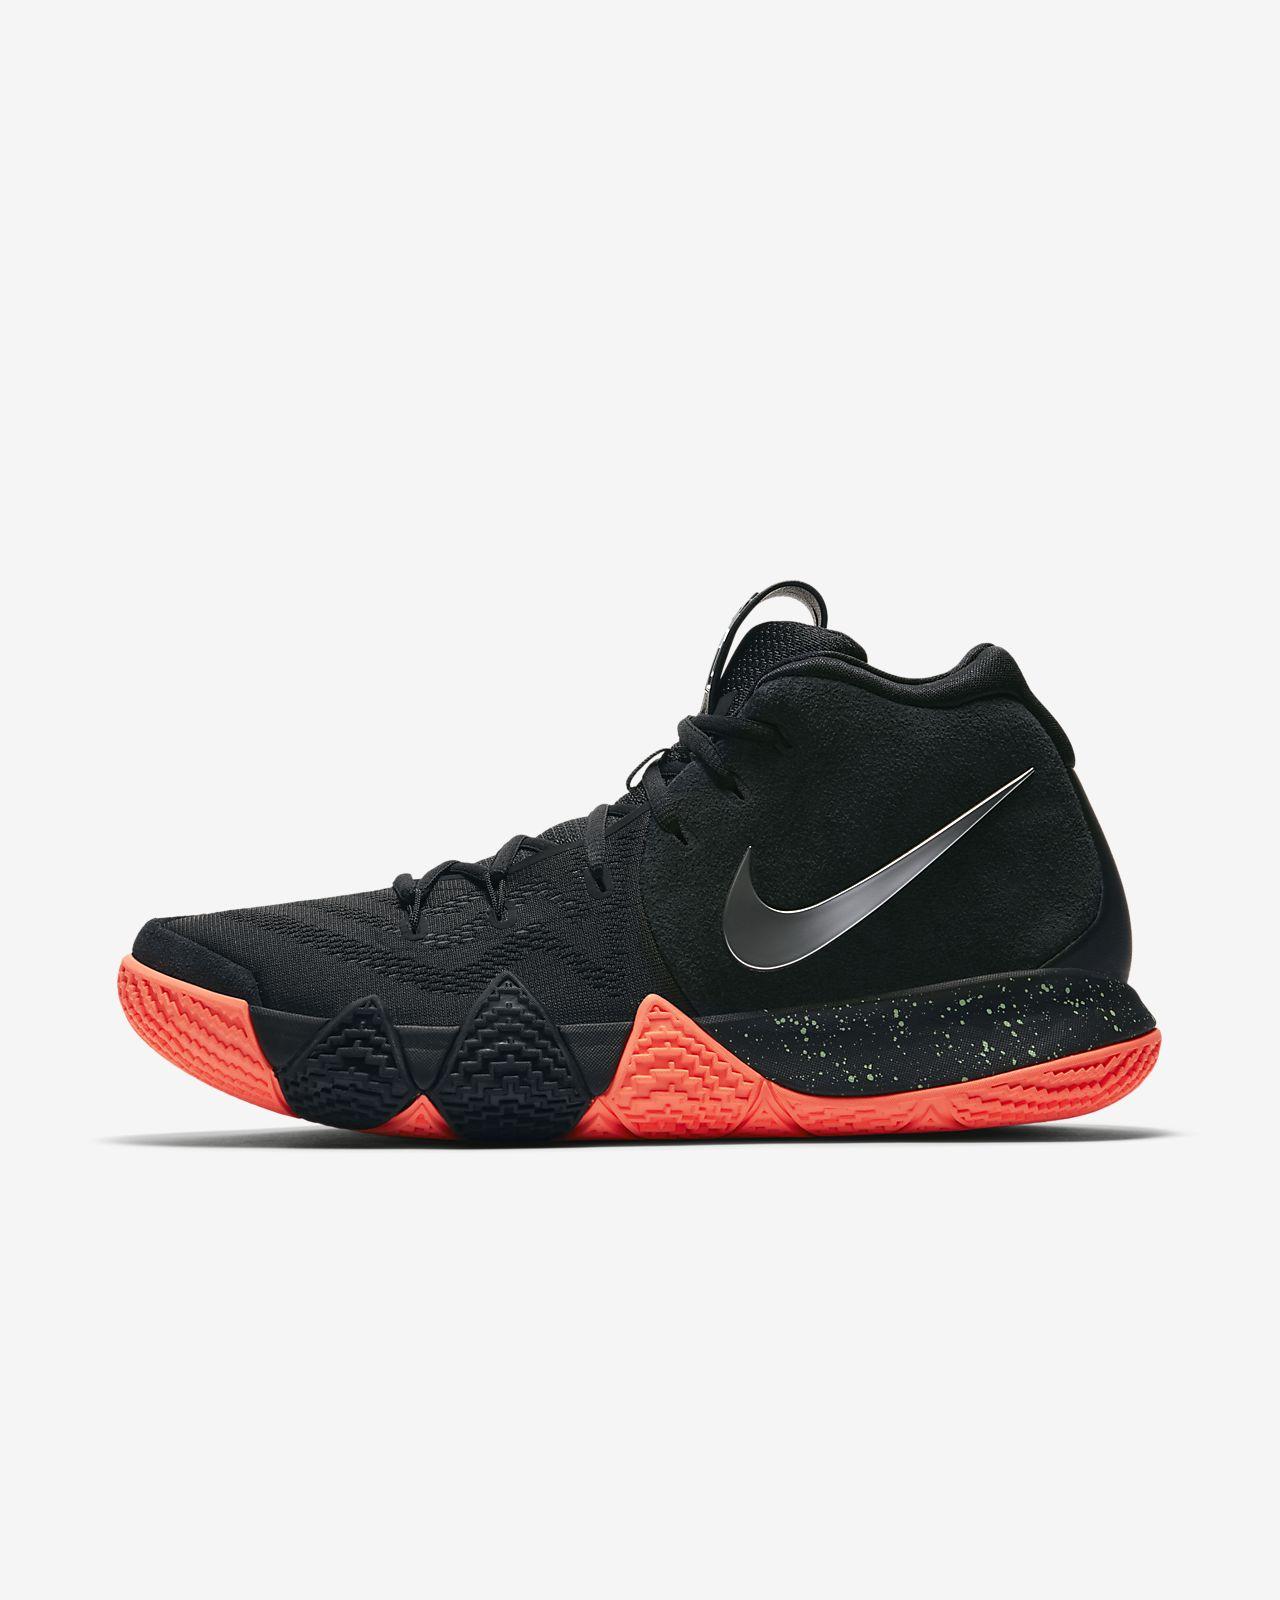 Баскетбольные кроссовки Kyrie 4. Nike.com RU c45513e3353